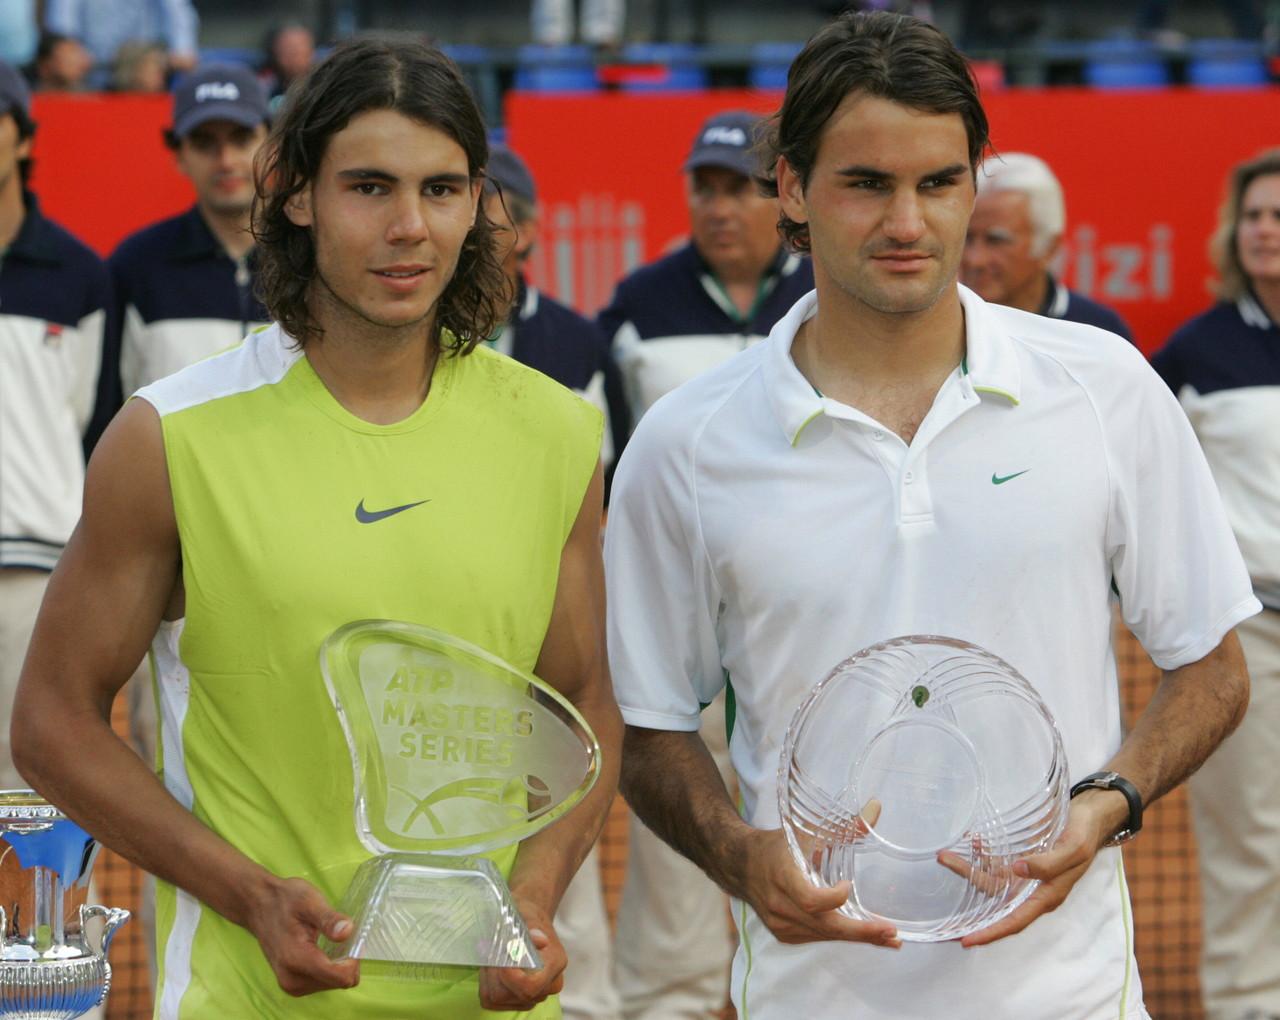 Ma ancor più indimenticabile è la finale del 2006, in cui Nadal fa il bis, ancora una volta al tie-break del quinto set, ai danni del numero 1 del mondo Federer dopo avergli annullato due match-point.